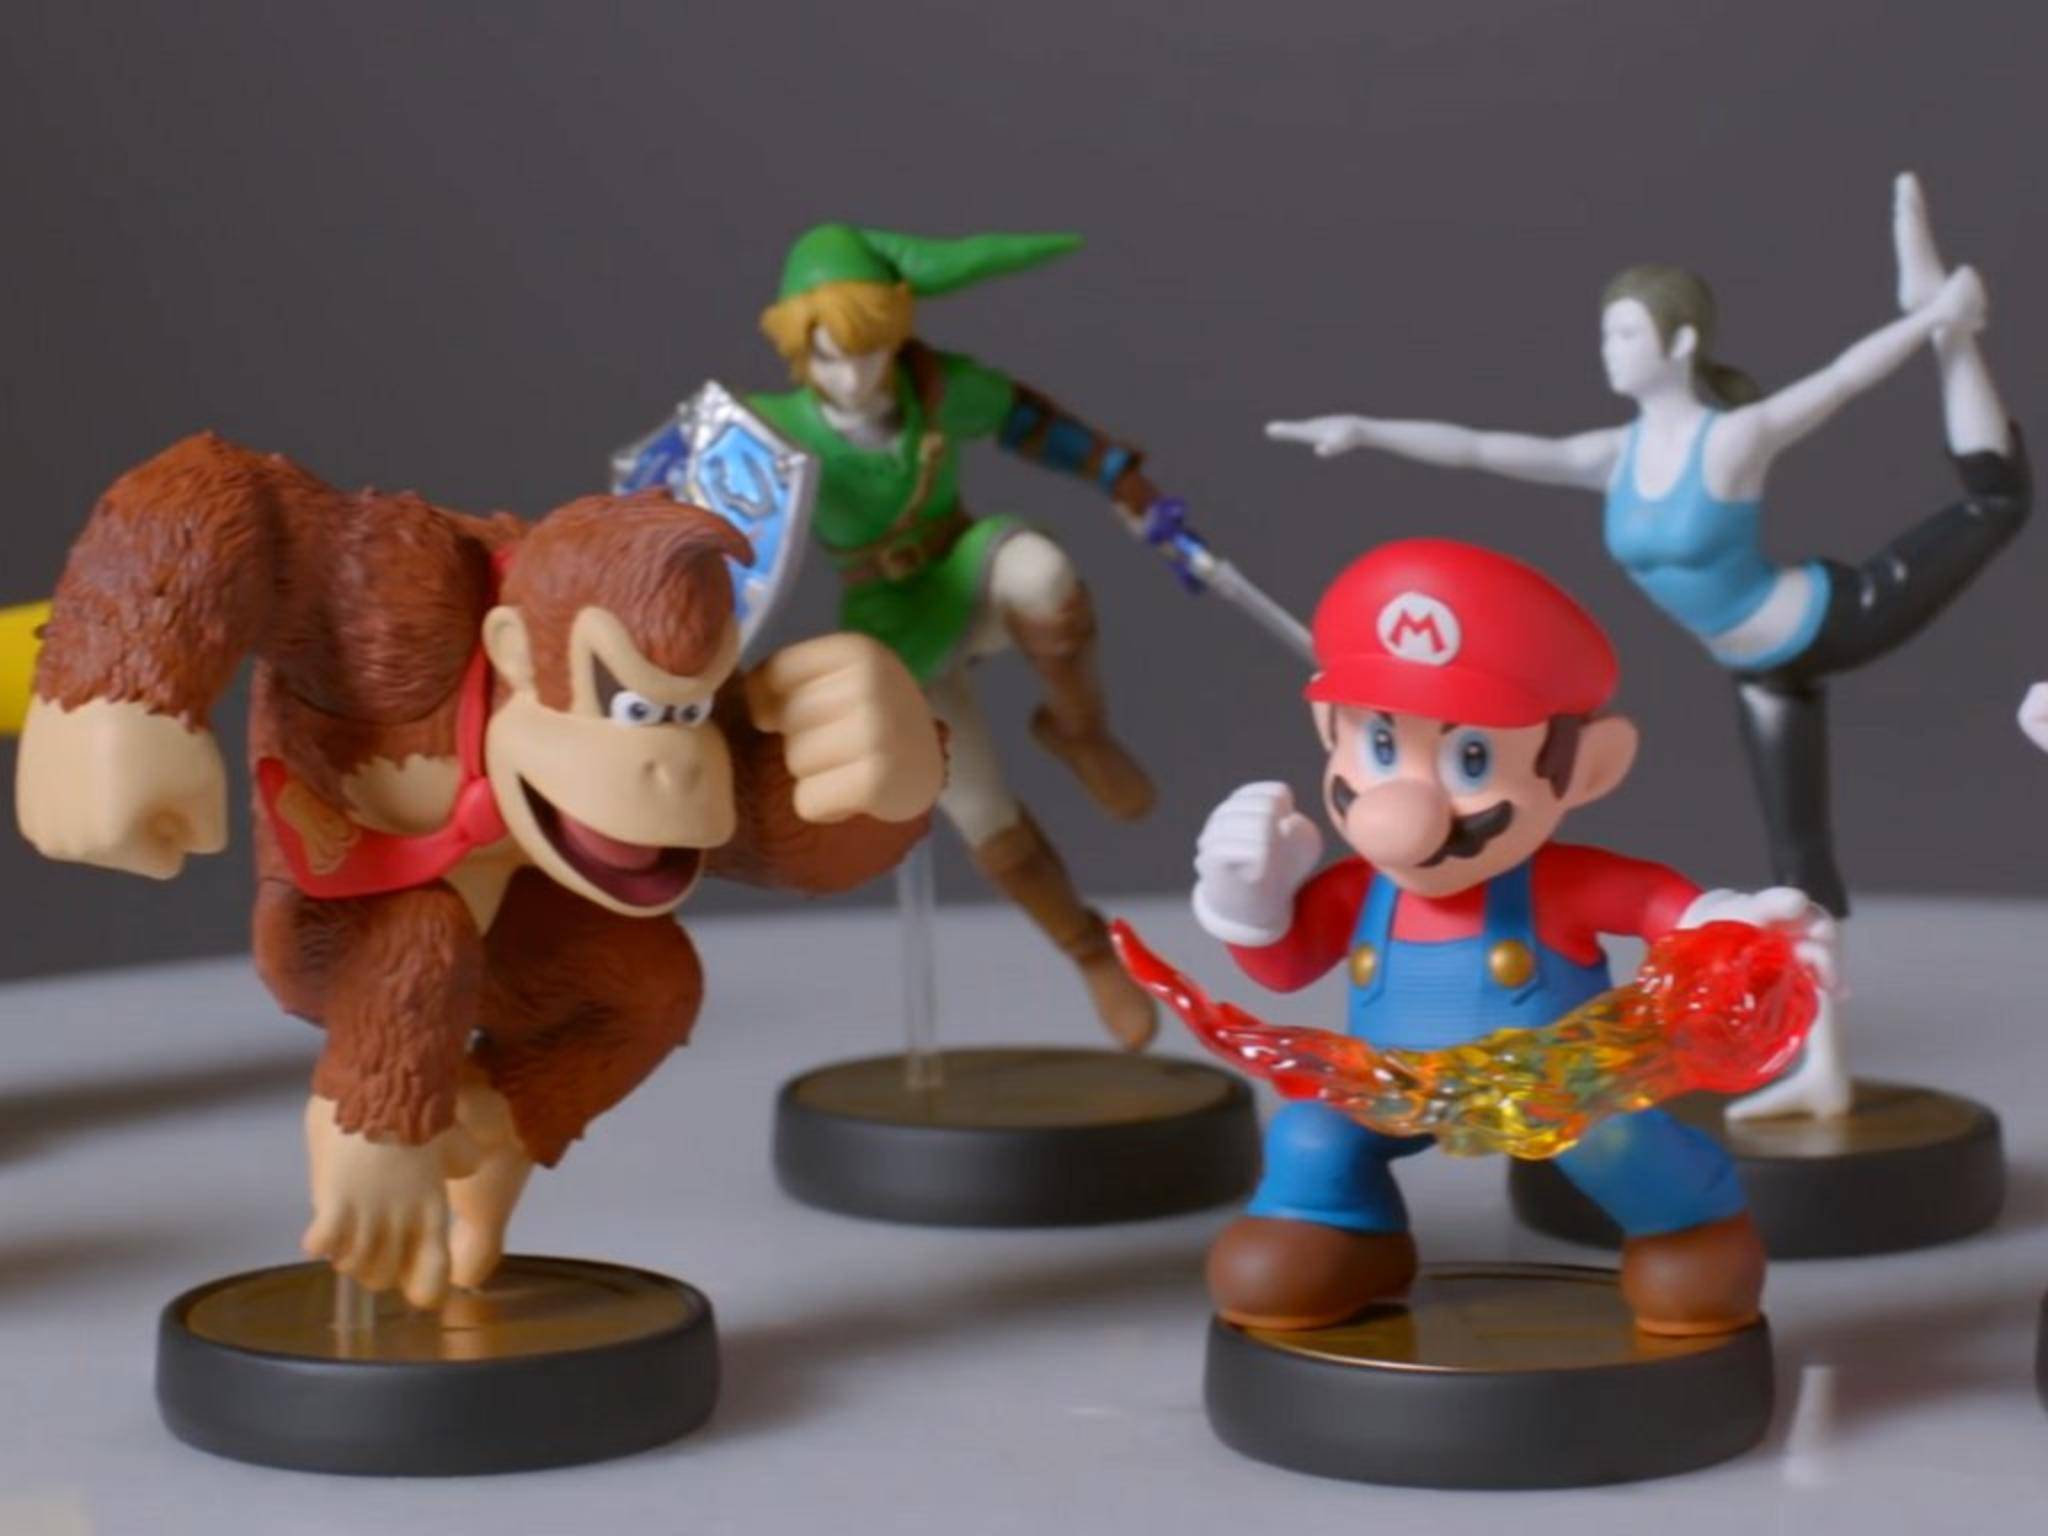 Die Amiibo-Figuren von Nintendo erfreuen sich unglaublicher Beliebtheit.